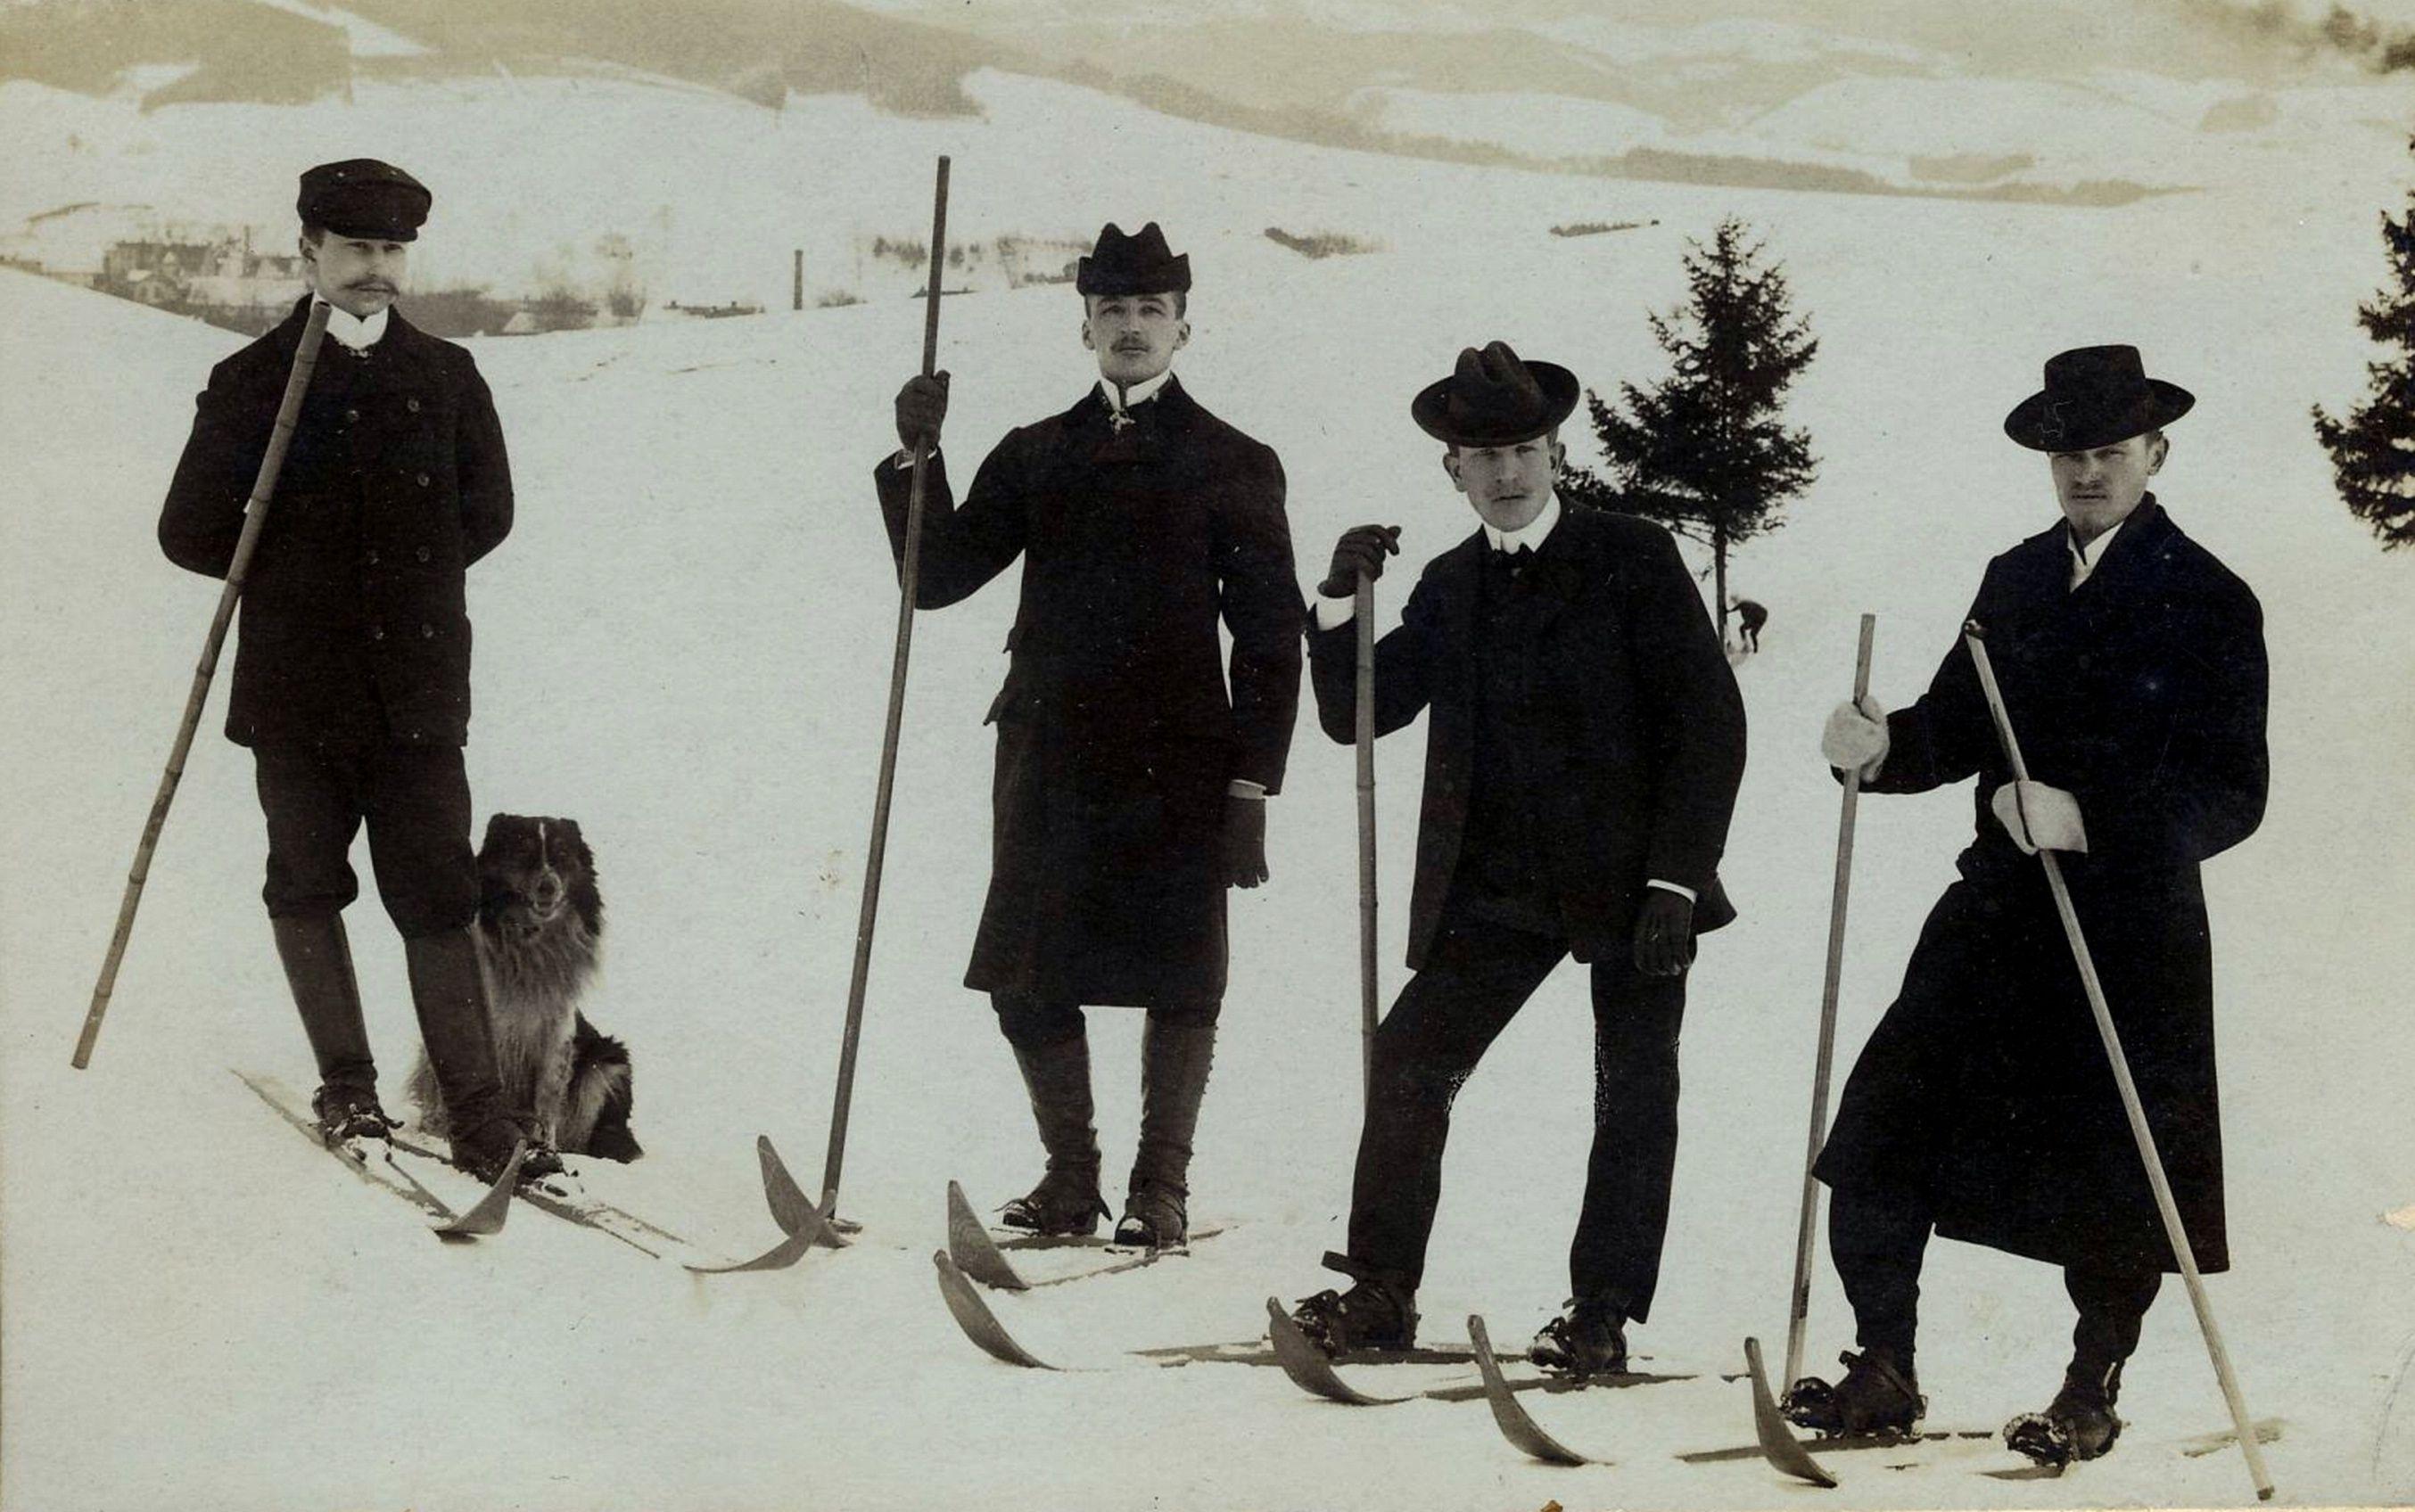 První lyžníci v Hronově v roce 1903: počtovní úředník Šára, továrník Posselt a učitelé Švorčík s Matějkou